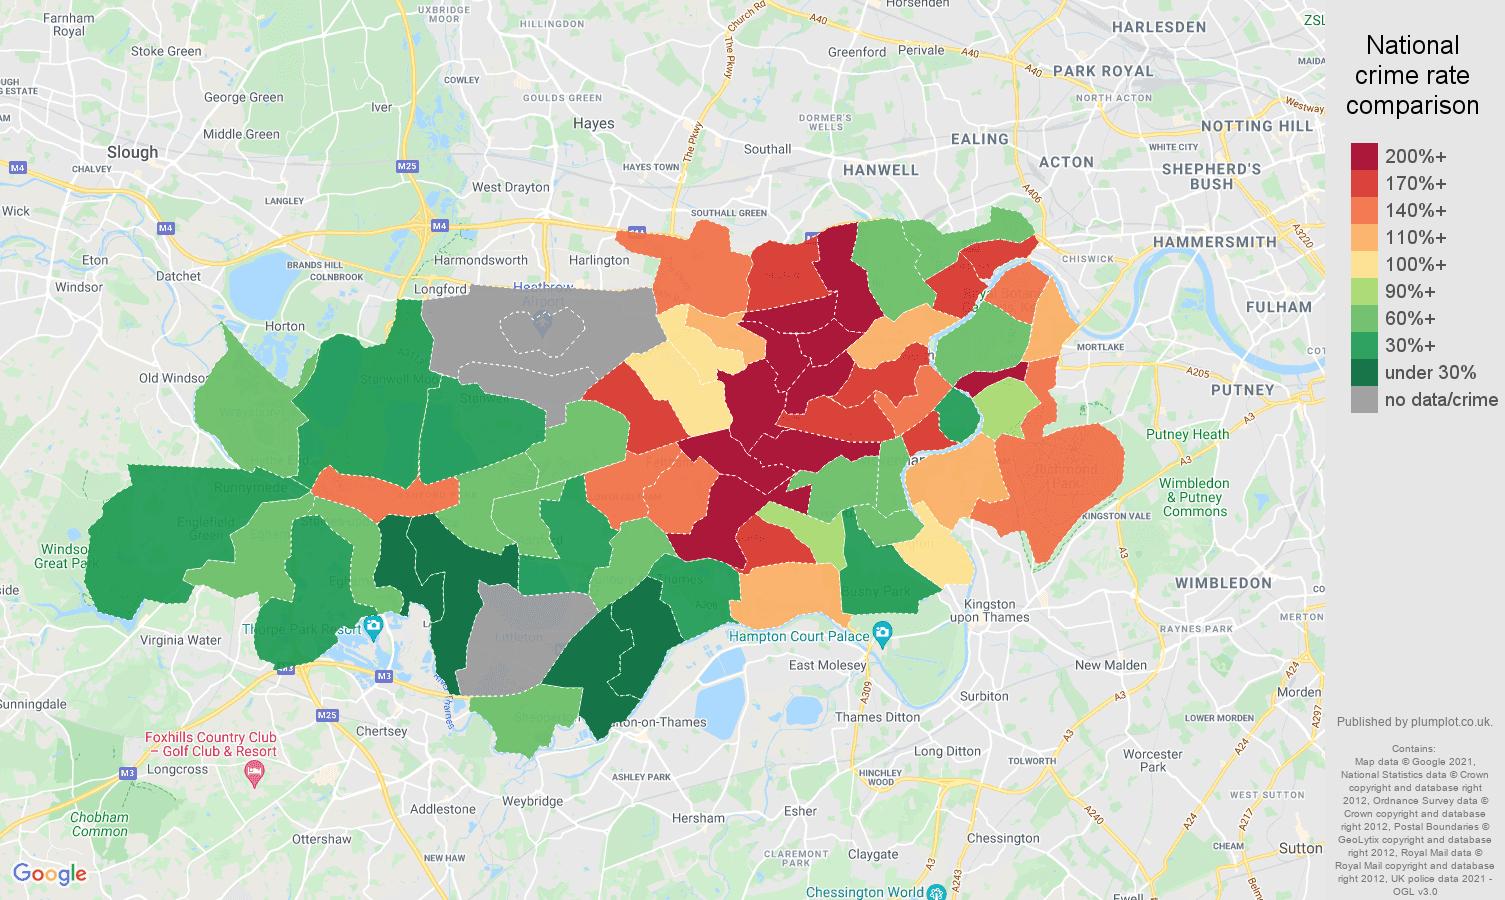 Twickenham robbery crime rate comparison map